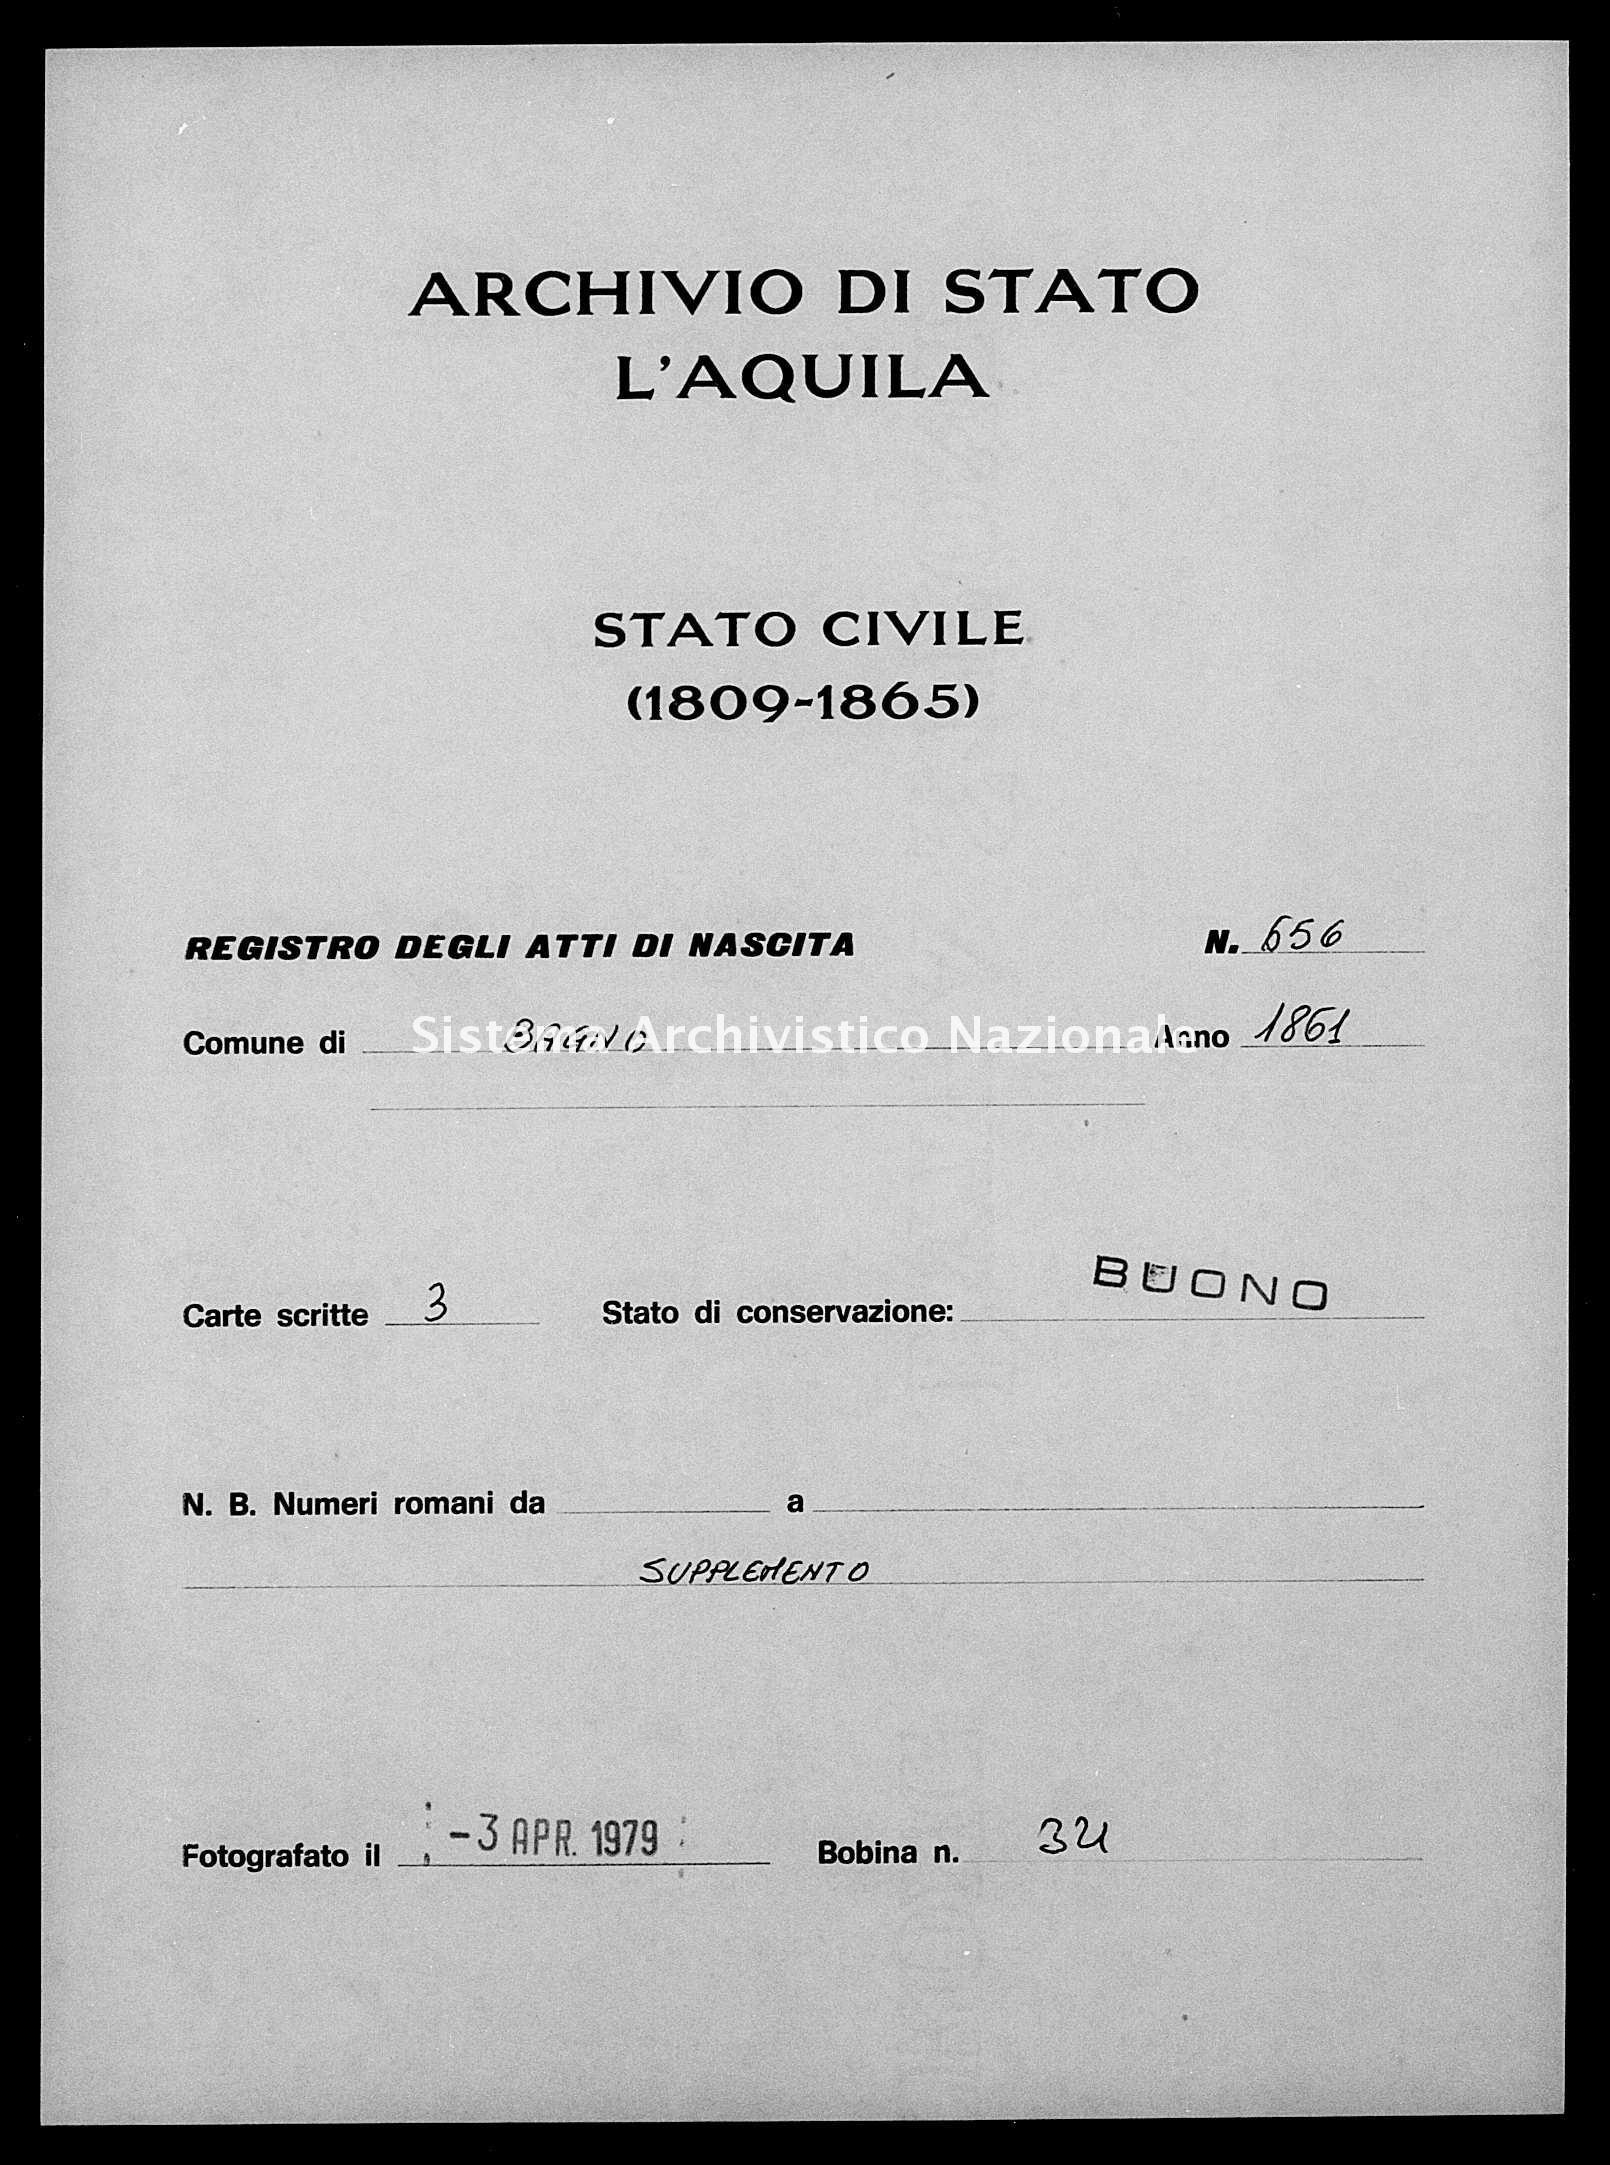 Archivio di stato di L'aquila - Stato civile italiano - Bagno - Nati esposti - 1861 - 656 -